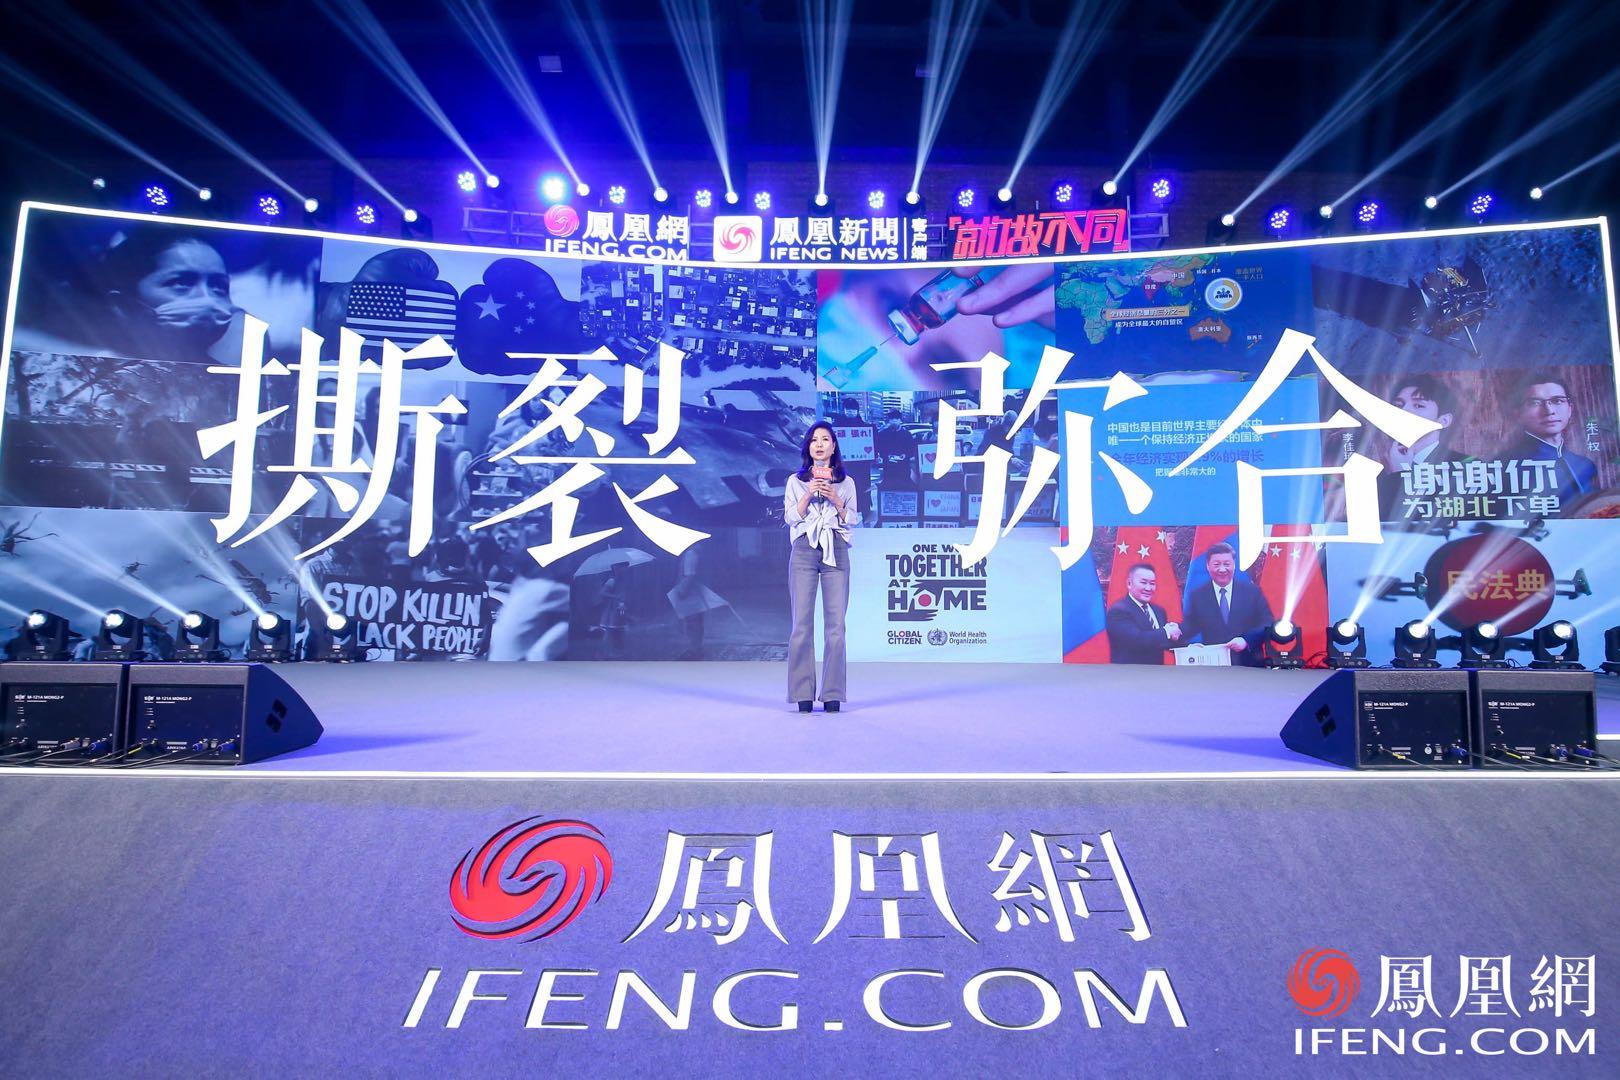 凤凰网池小燕:挖掘媒体平台新价值 驱动企业利润新增长